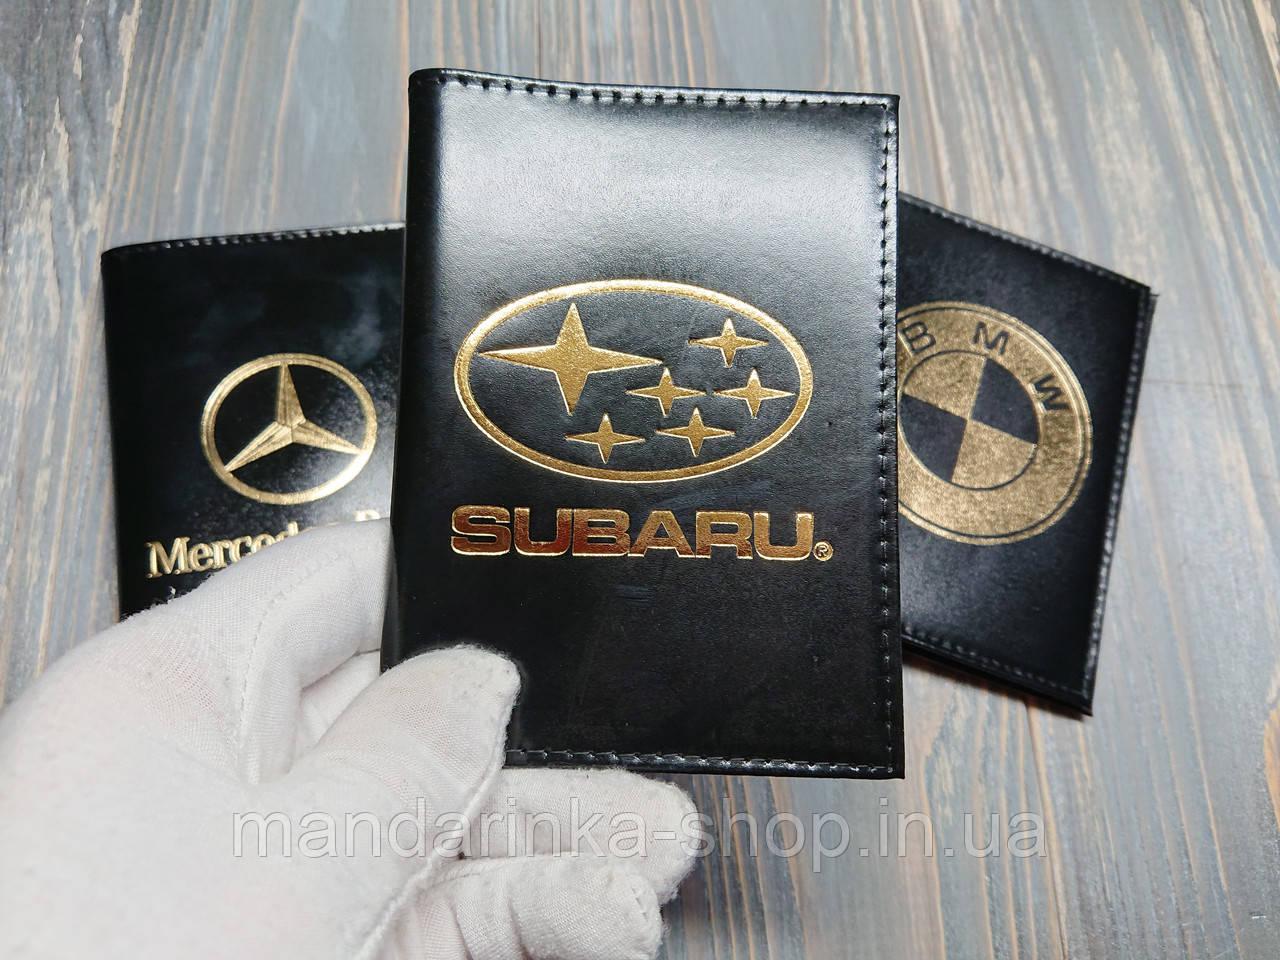 Шкіряна обкладинка для автодокументів з логотипом Subaru